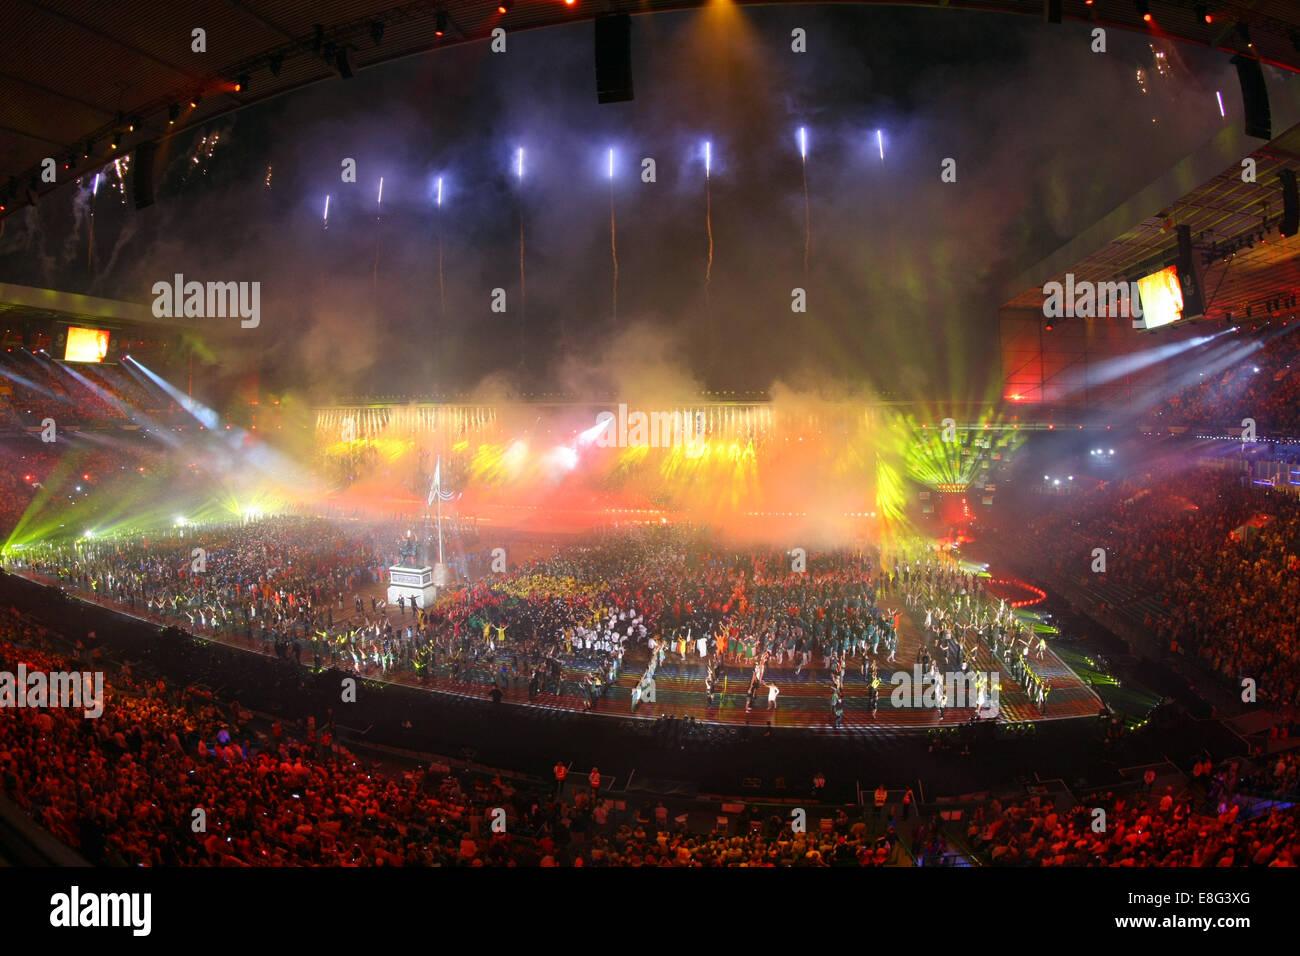 Gesamtansicht (Gv) des Stadions als Feuerwerk explodieren. Zeremonie - Celtic Park - Glasgow Schottland, UK - 230714 Stockbild